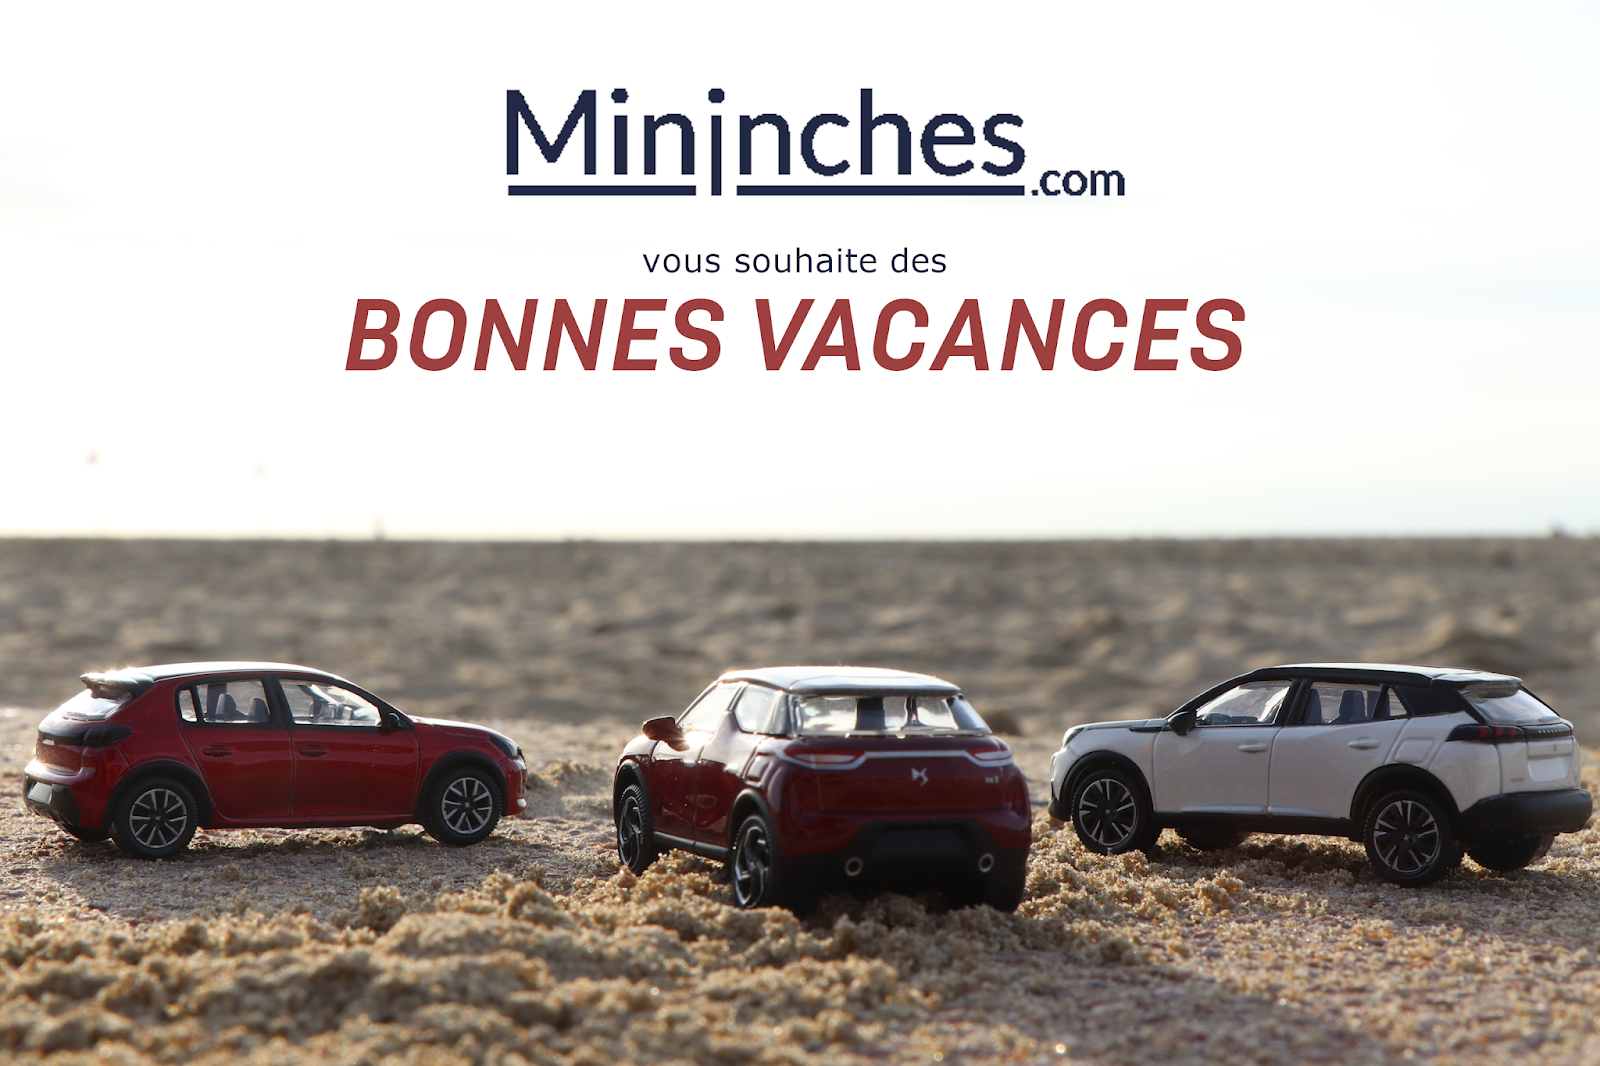 Civic Miniature Club Voiture Honda Jouet vN08nwm